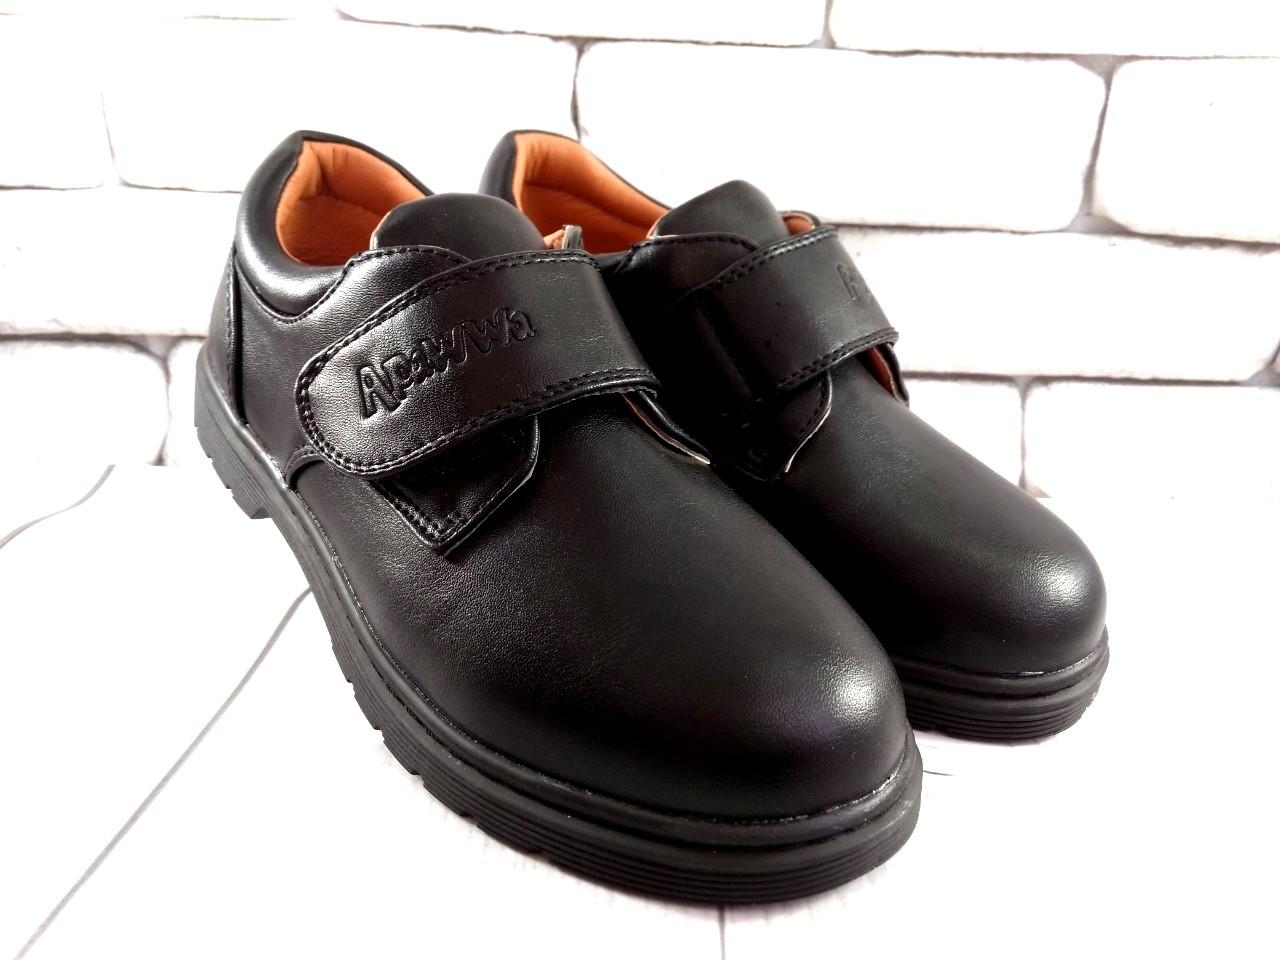 fff5fc1fabf8a6 Взуття для хлопців: Туфлі дитячі Apawwa А162 чорні